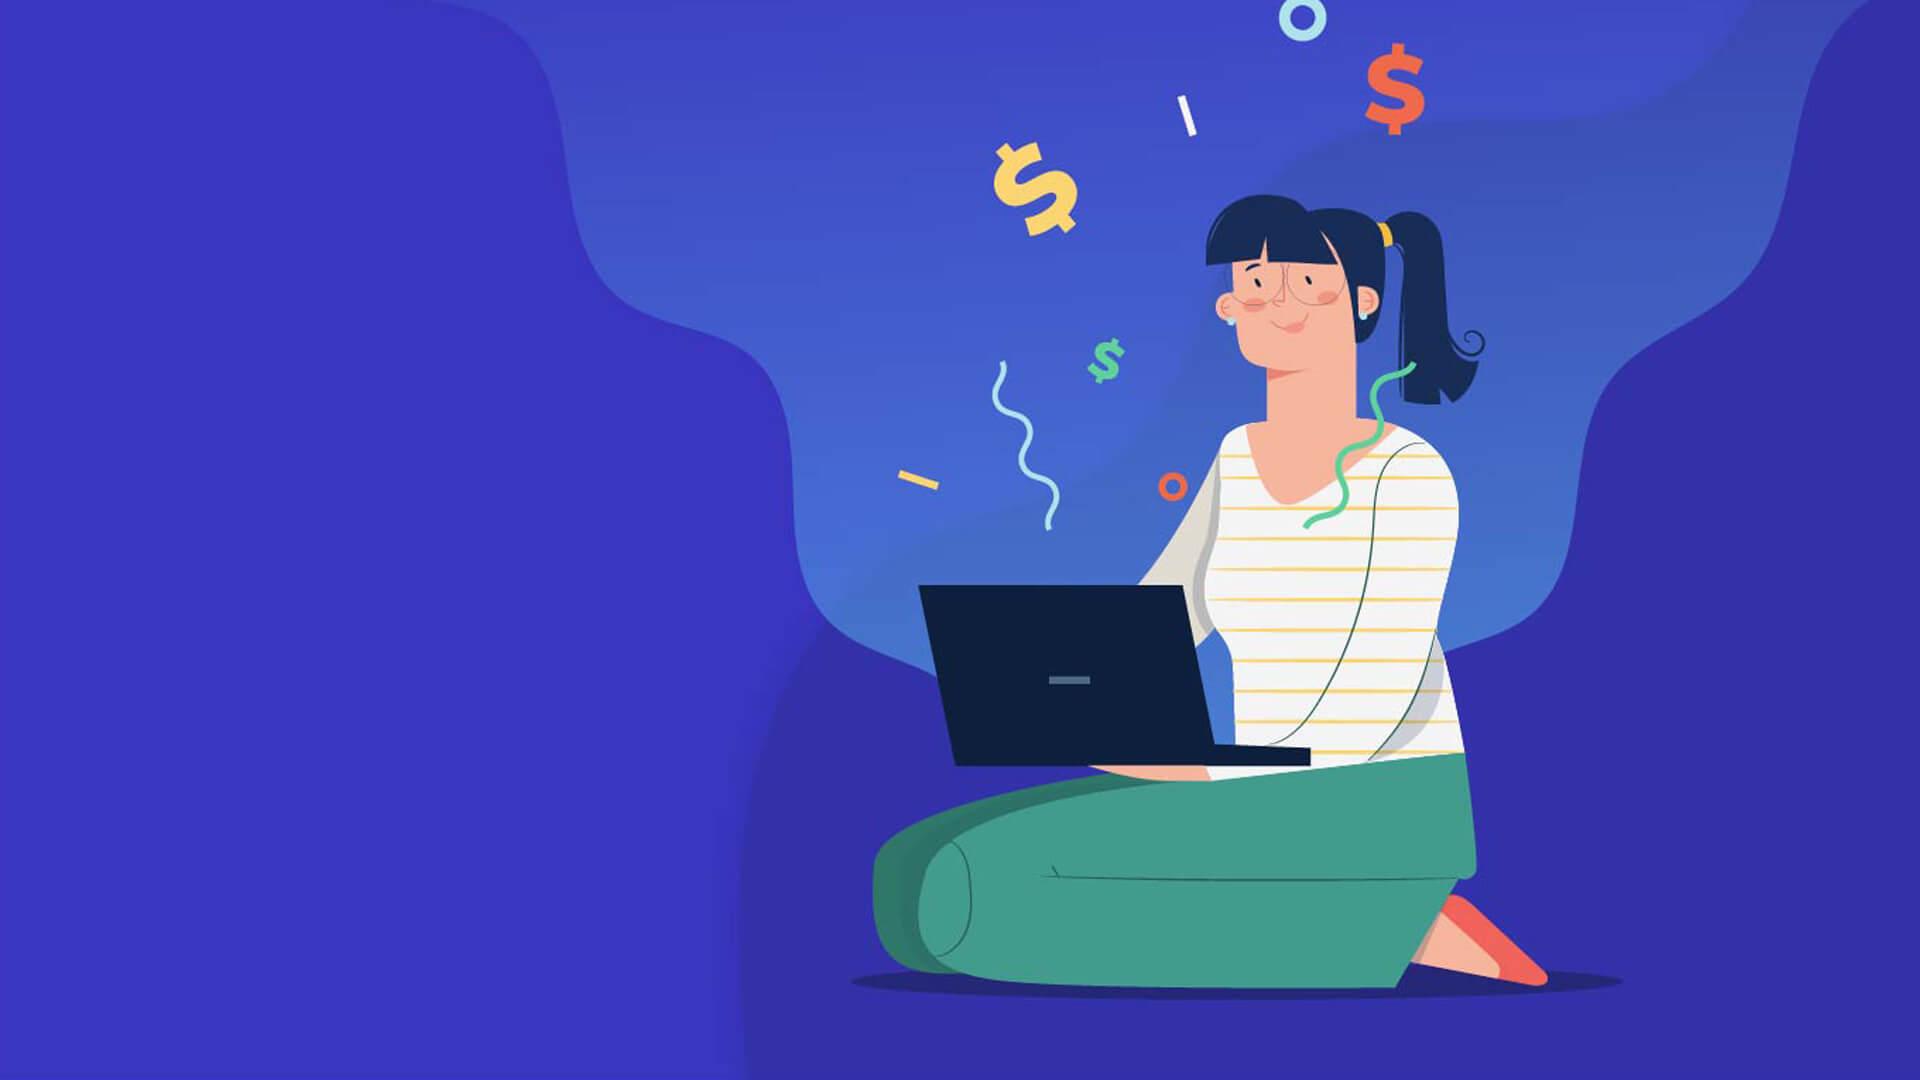 Bán hàng online - bài viết dành cho người còn đam mê kinh doanh online